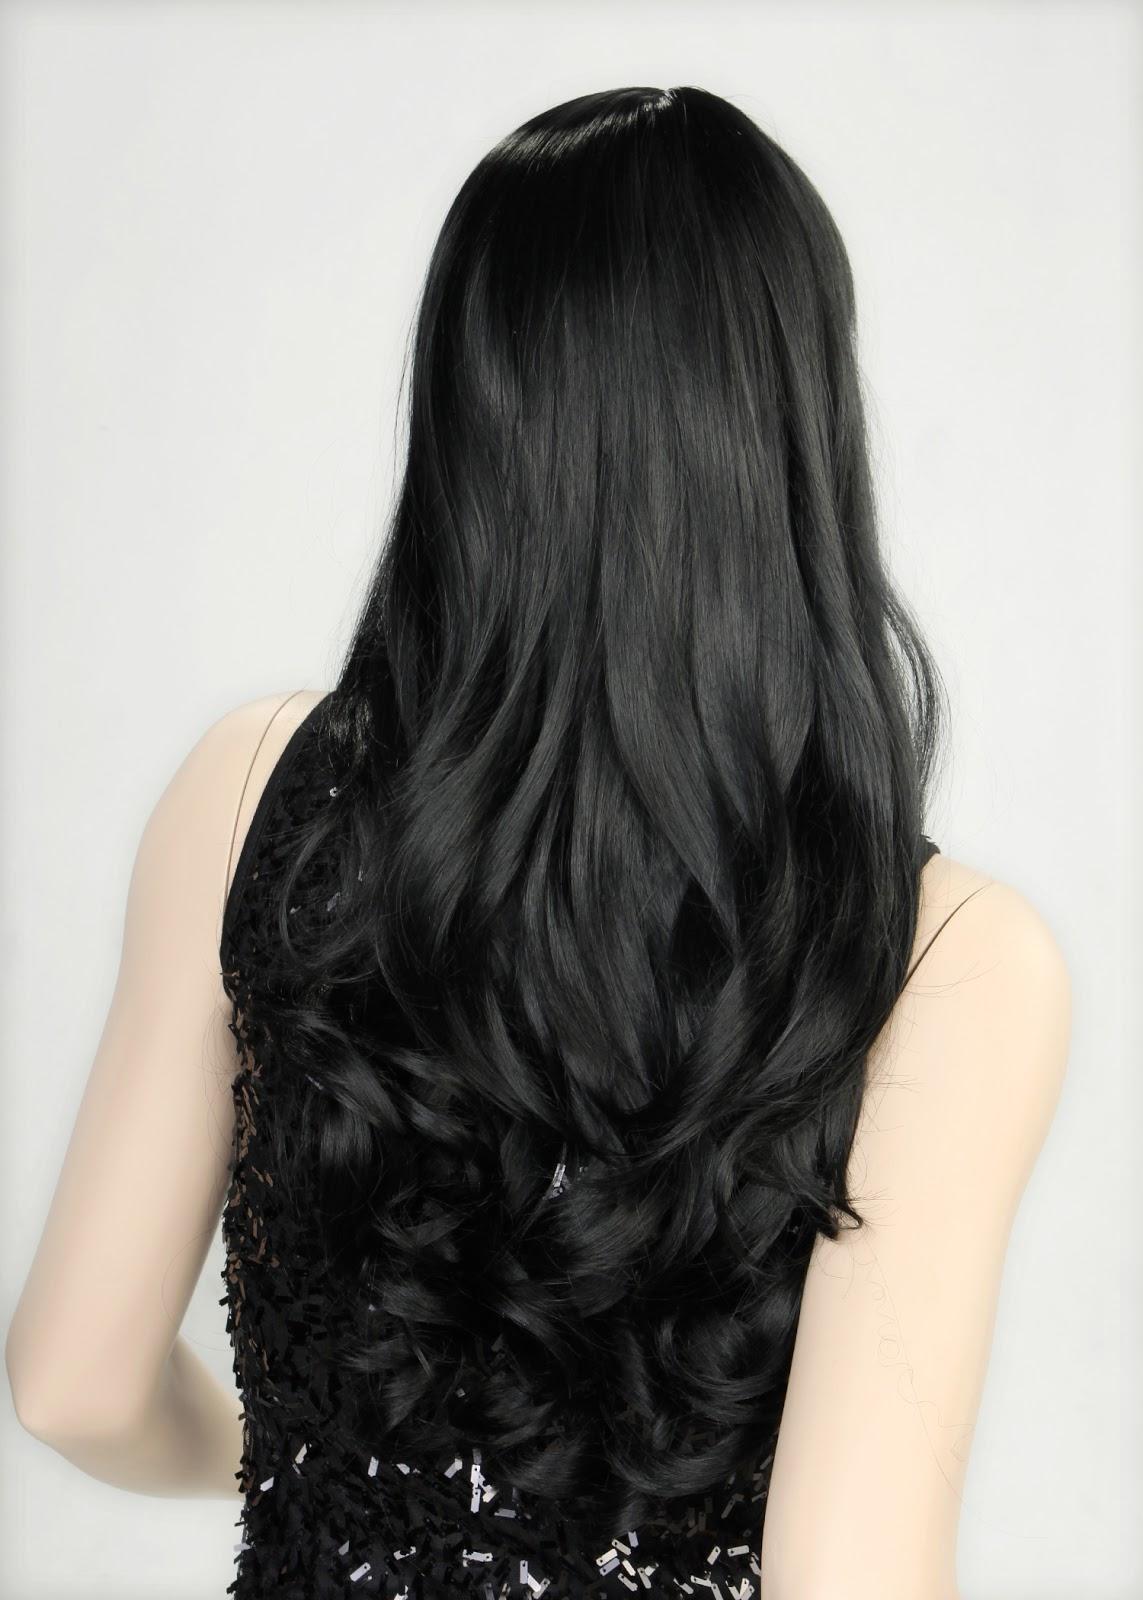 صورة قصات شعر طويل 2019 , اجمل قصات الشعر الطويل 4711 1